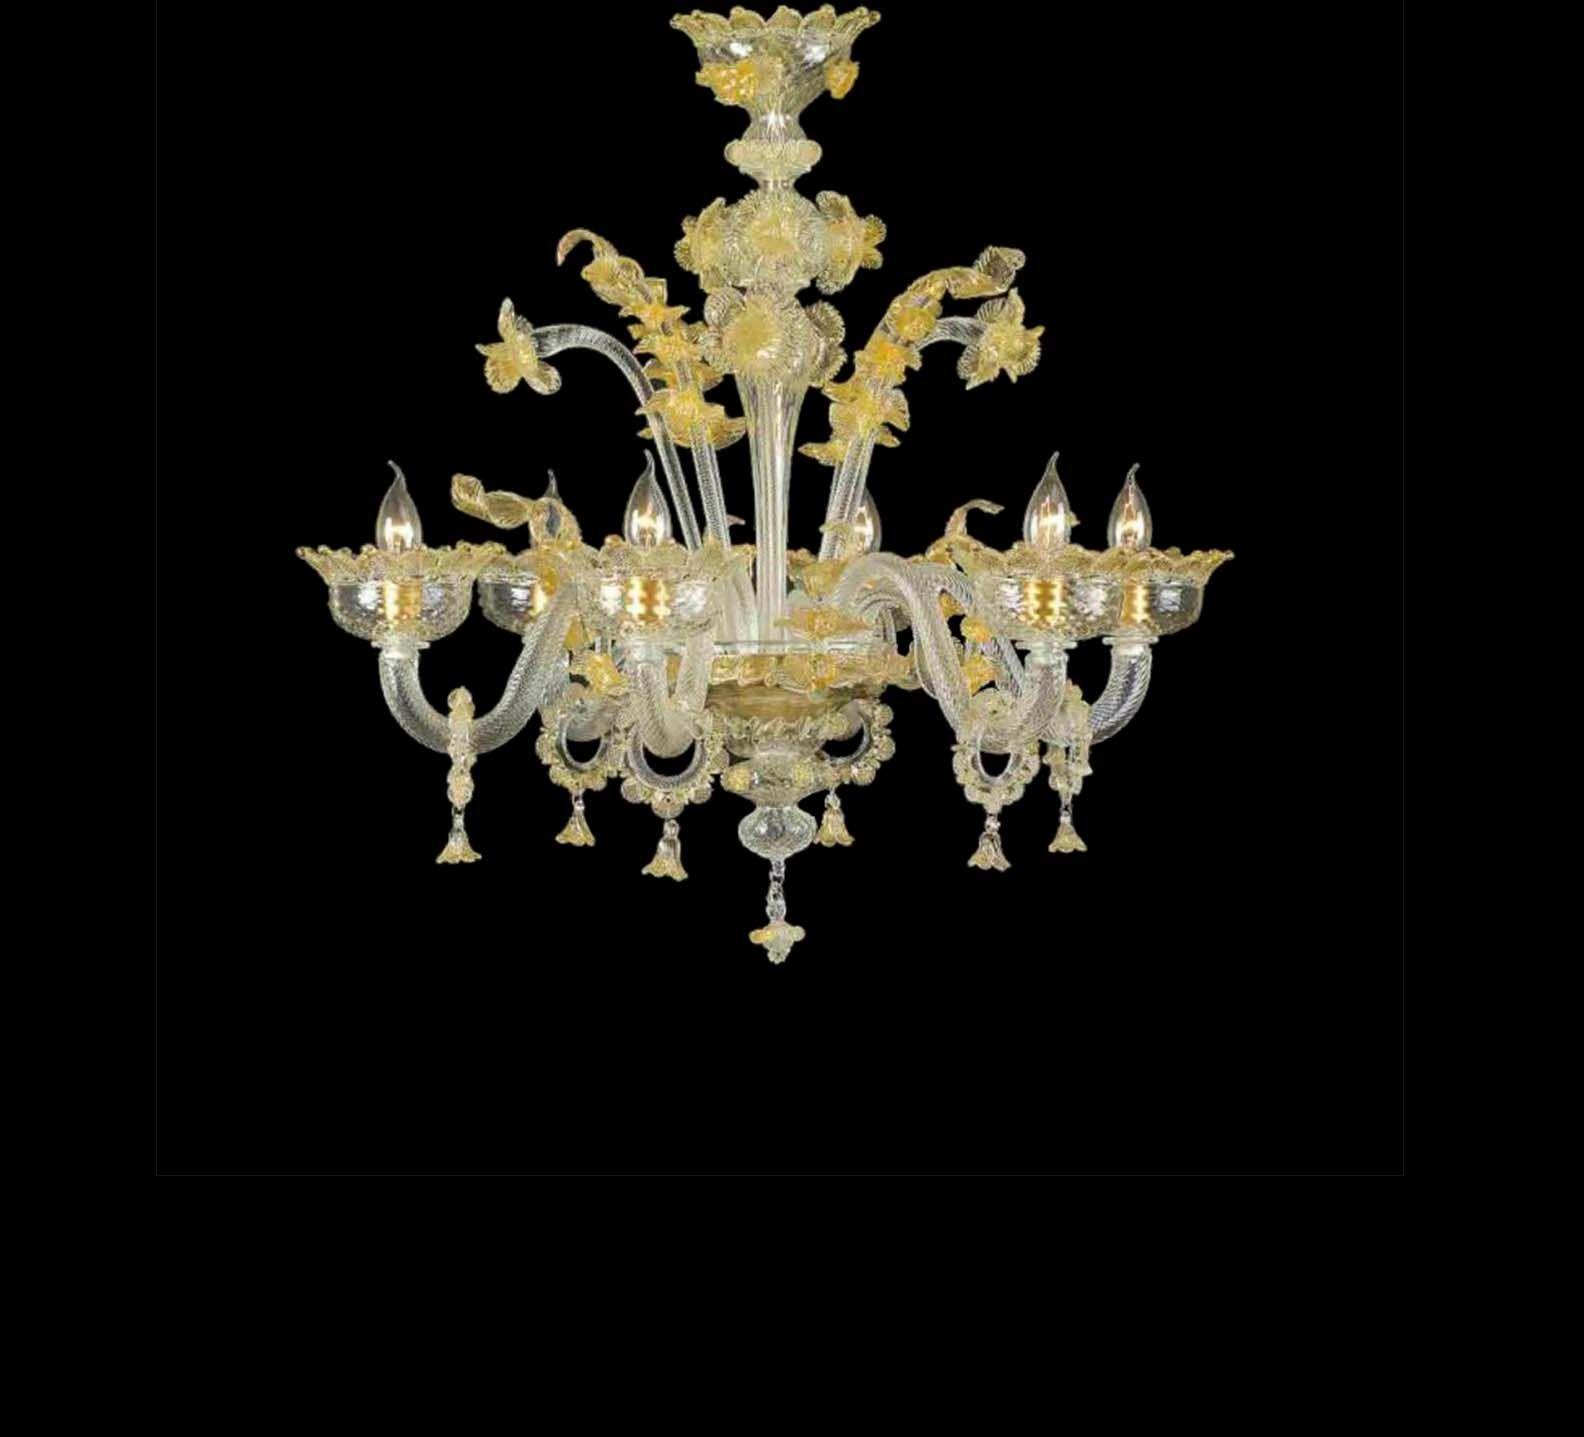 Lampadario murano di venezia 5 luci 6163/5 Lampadari